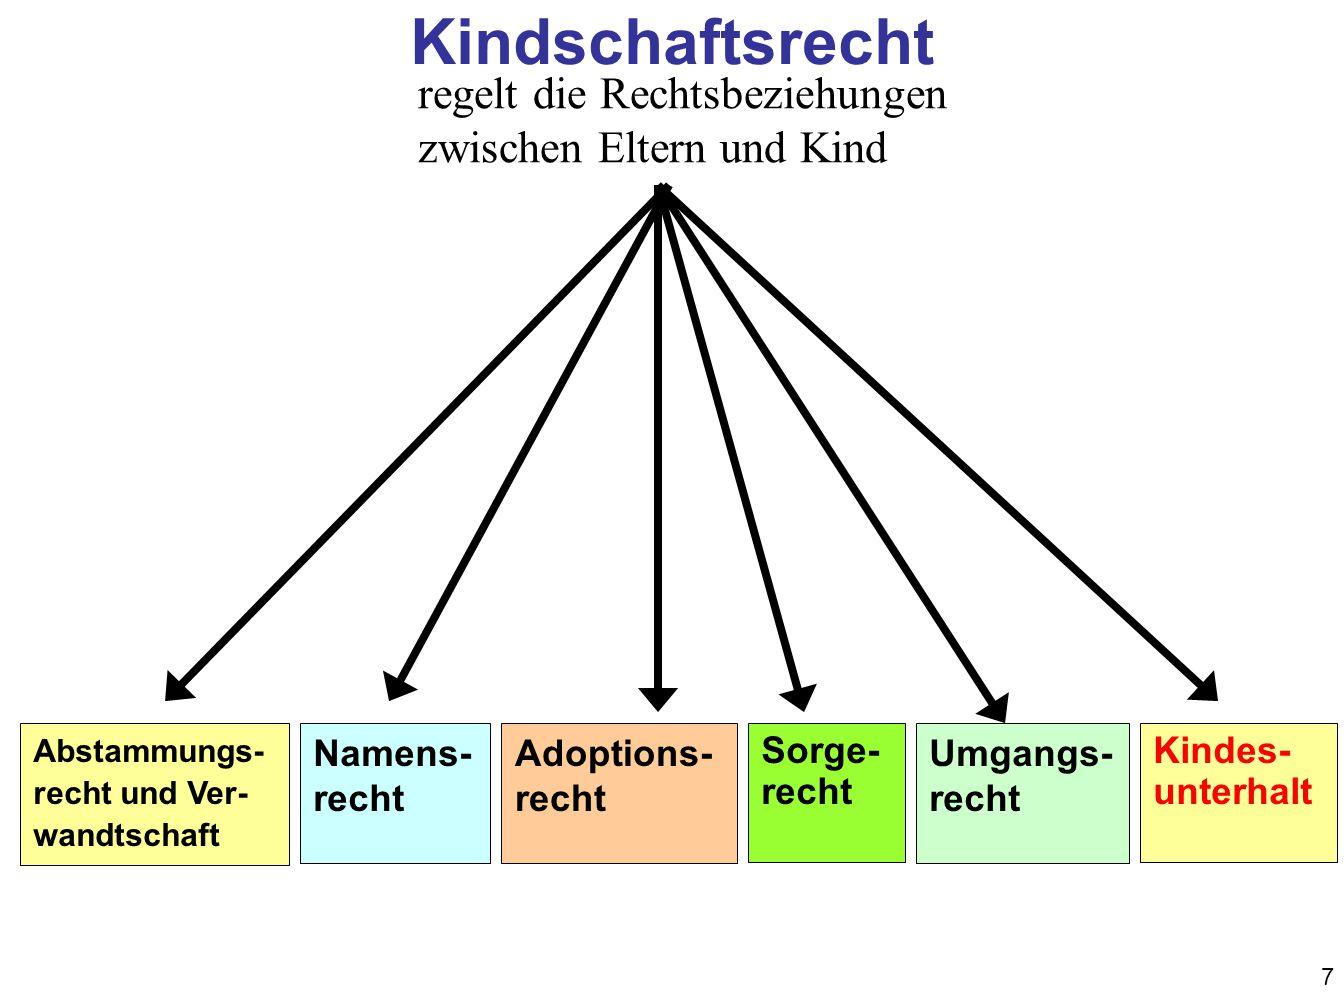 Kindschaftsrecht regelt die Rechtsbeziehungen zwischen Eltern und Kind